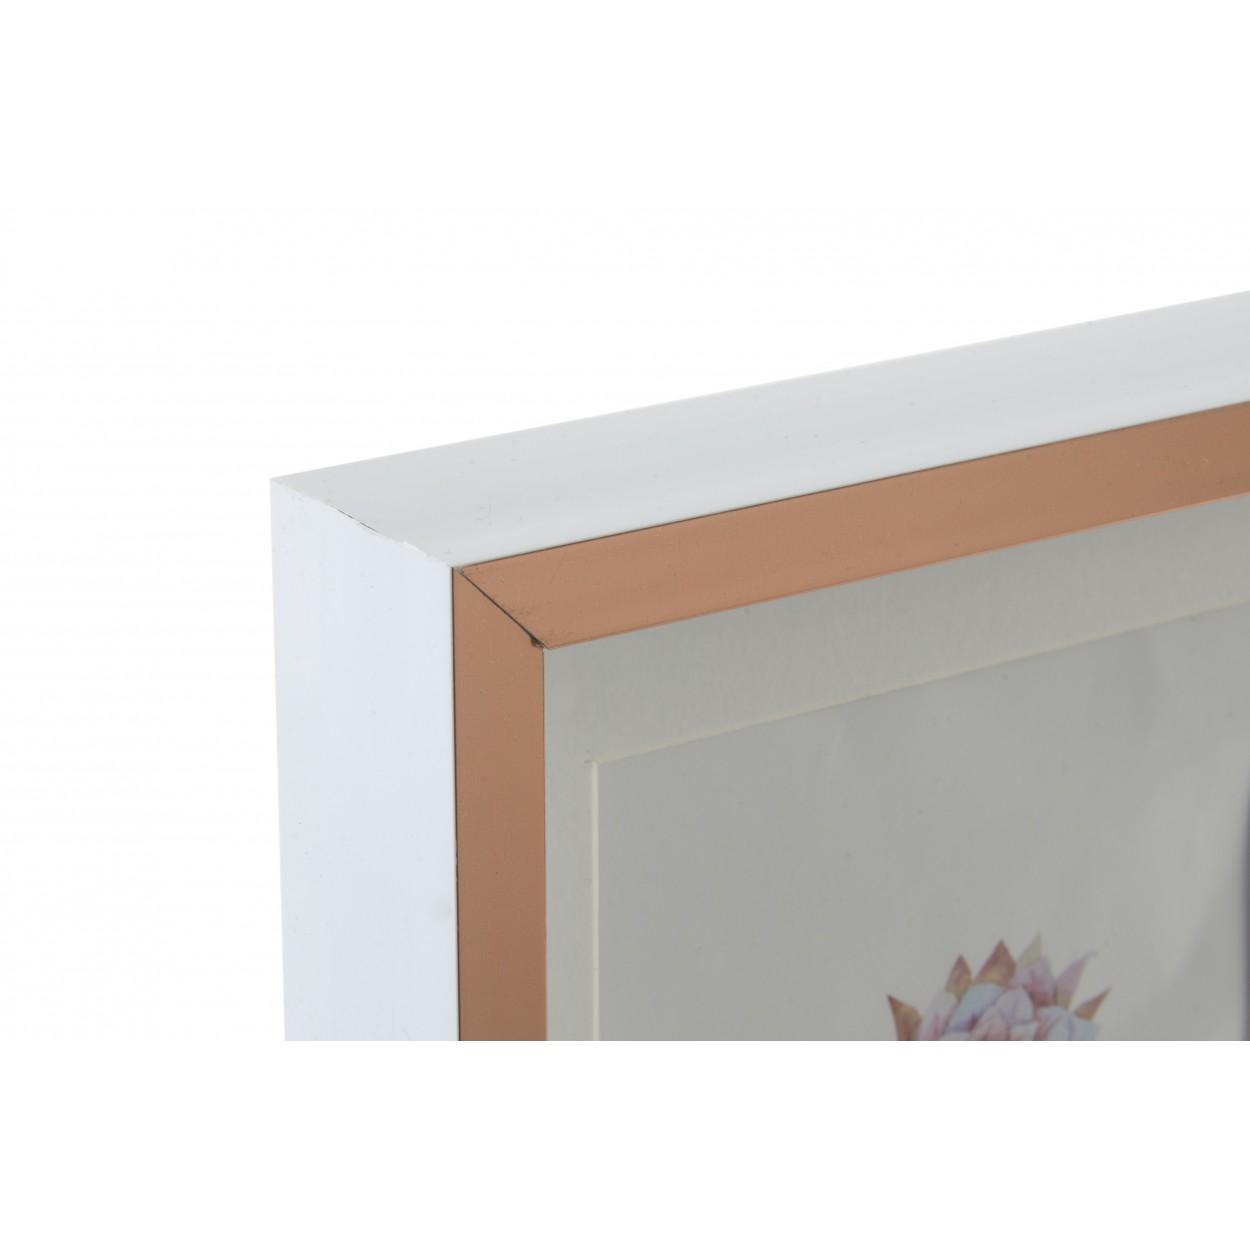 Hogar y m s marco multifotos de pvc para pared hogar y m s - Marcos para pared ...